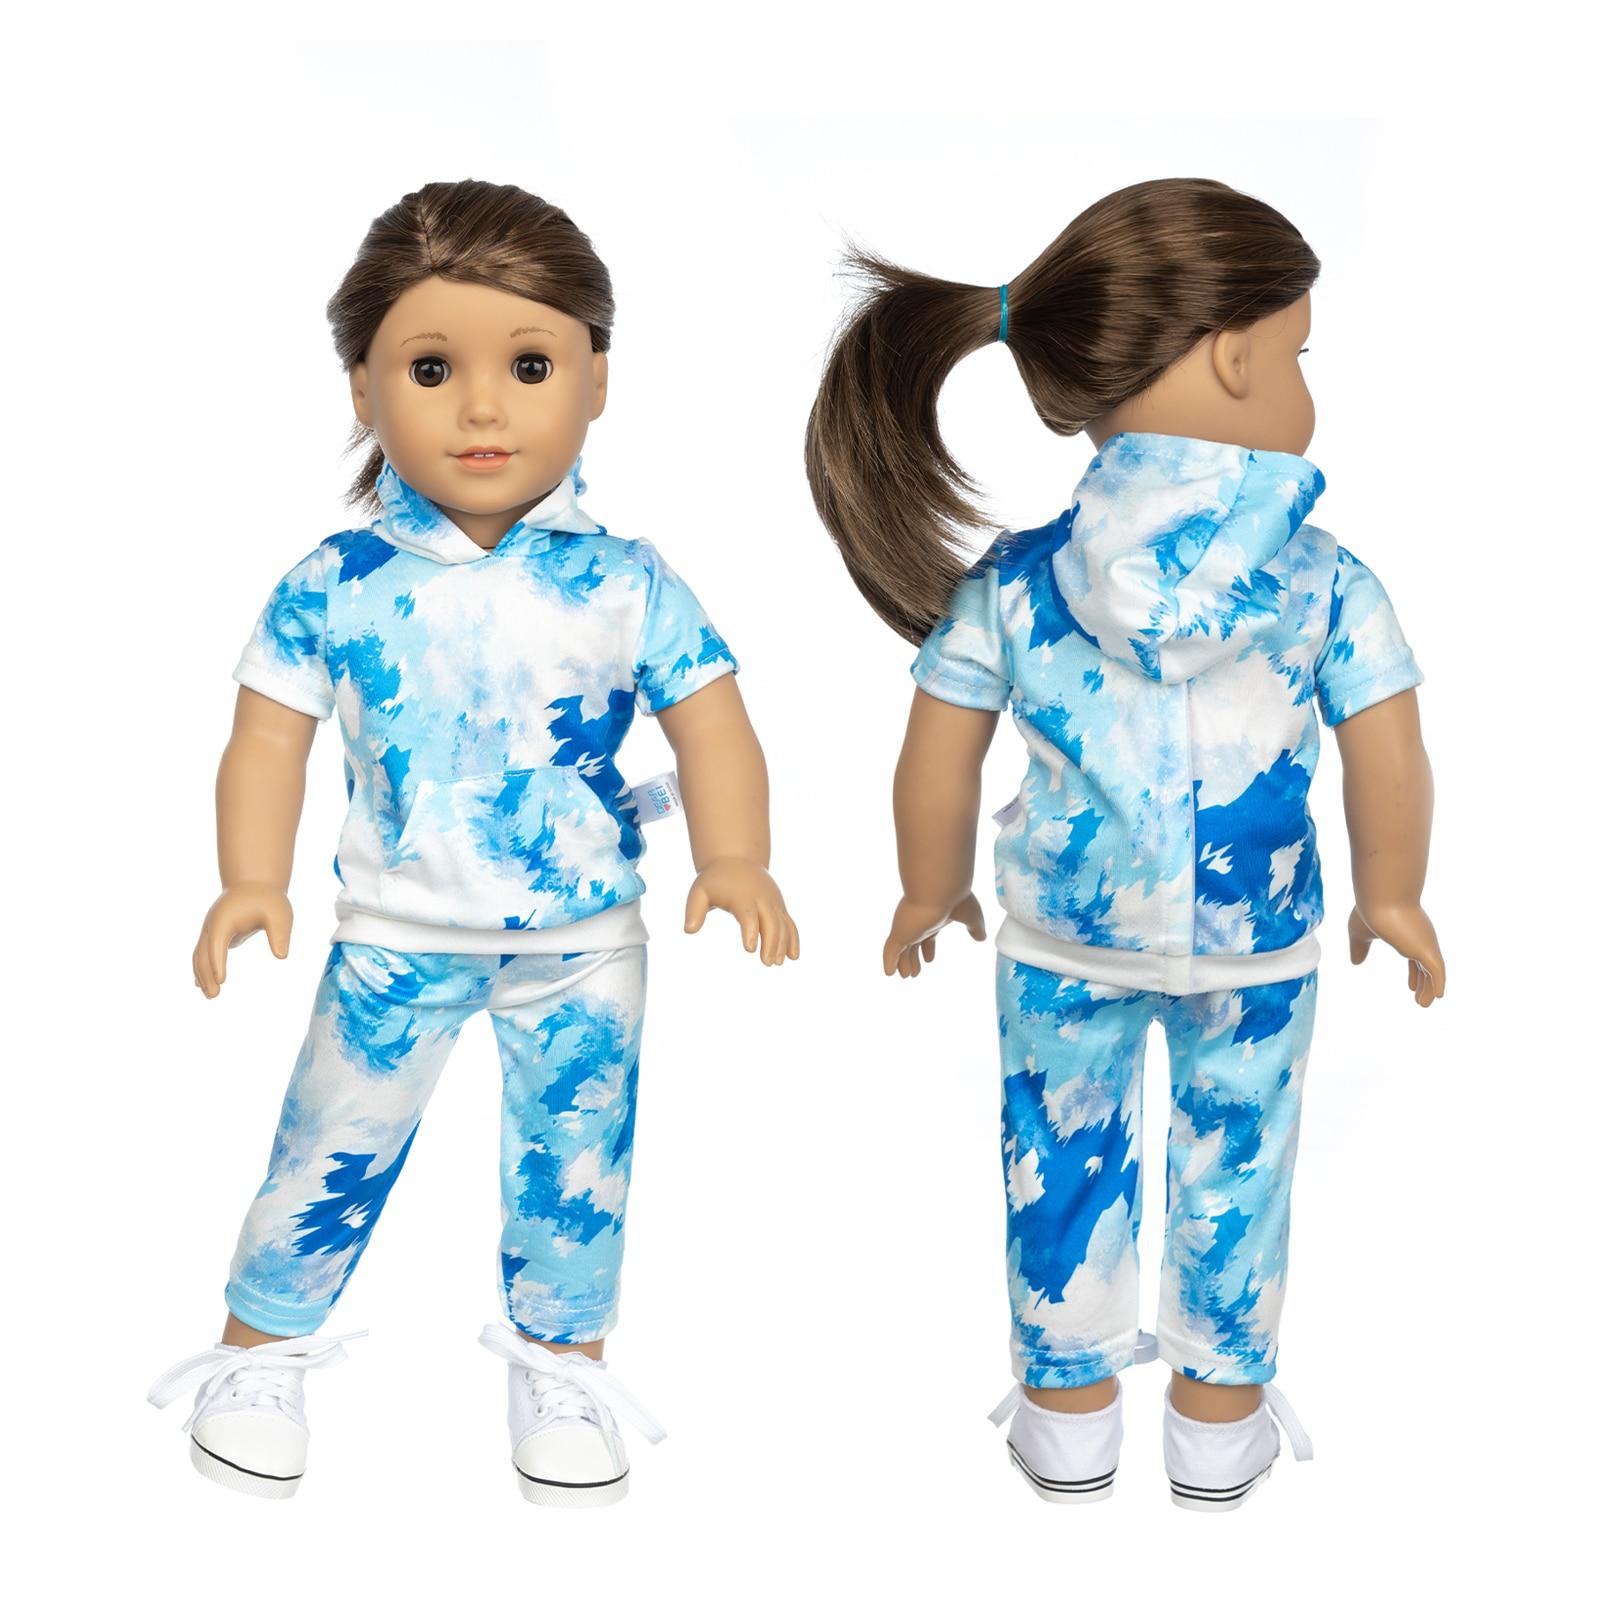 Fit 18 дюймов для новорожденных куклы одежда аксессуары синий контраст One Piece домашняя одежда для малышей подарок на день рождения